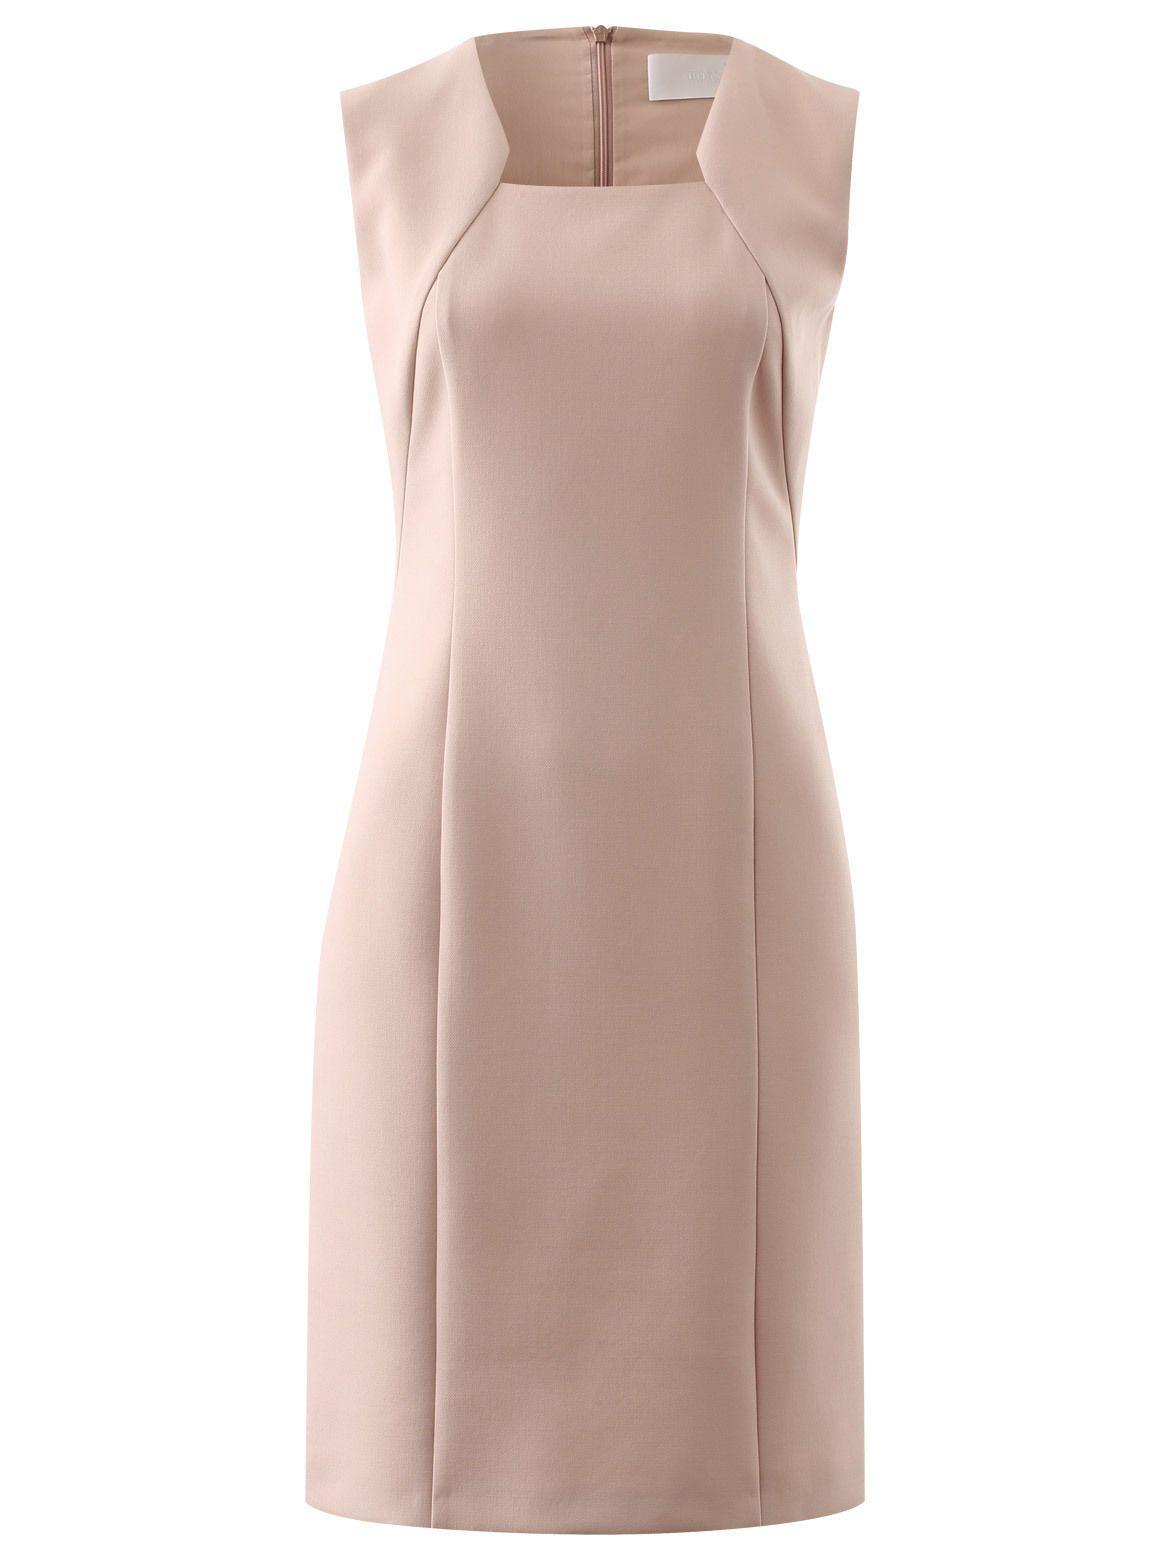 Etuikleid DIOPENA online kaufen  AppelrathCüpper  Moda vestidos